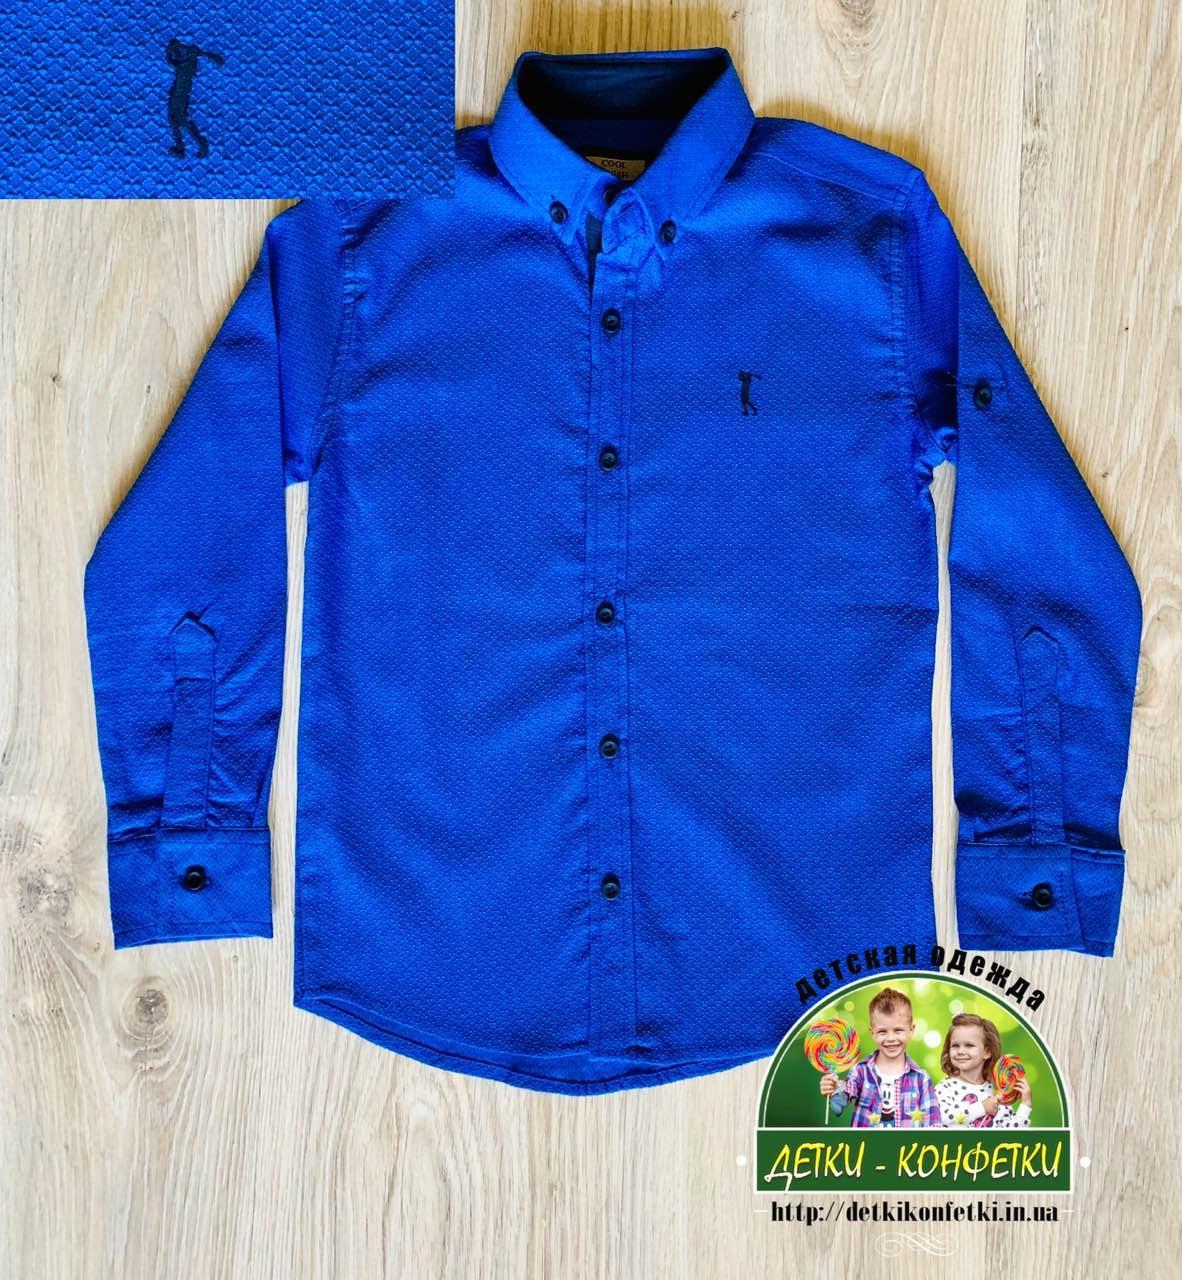 Ярко-синяя рубашка Cool Finish для мальчика 3 года